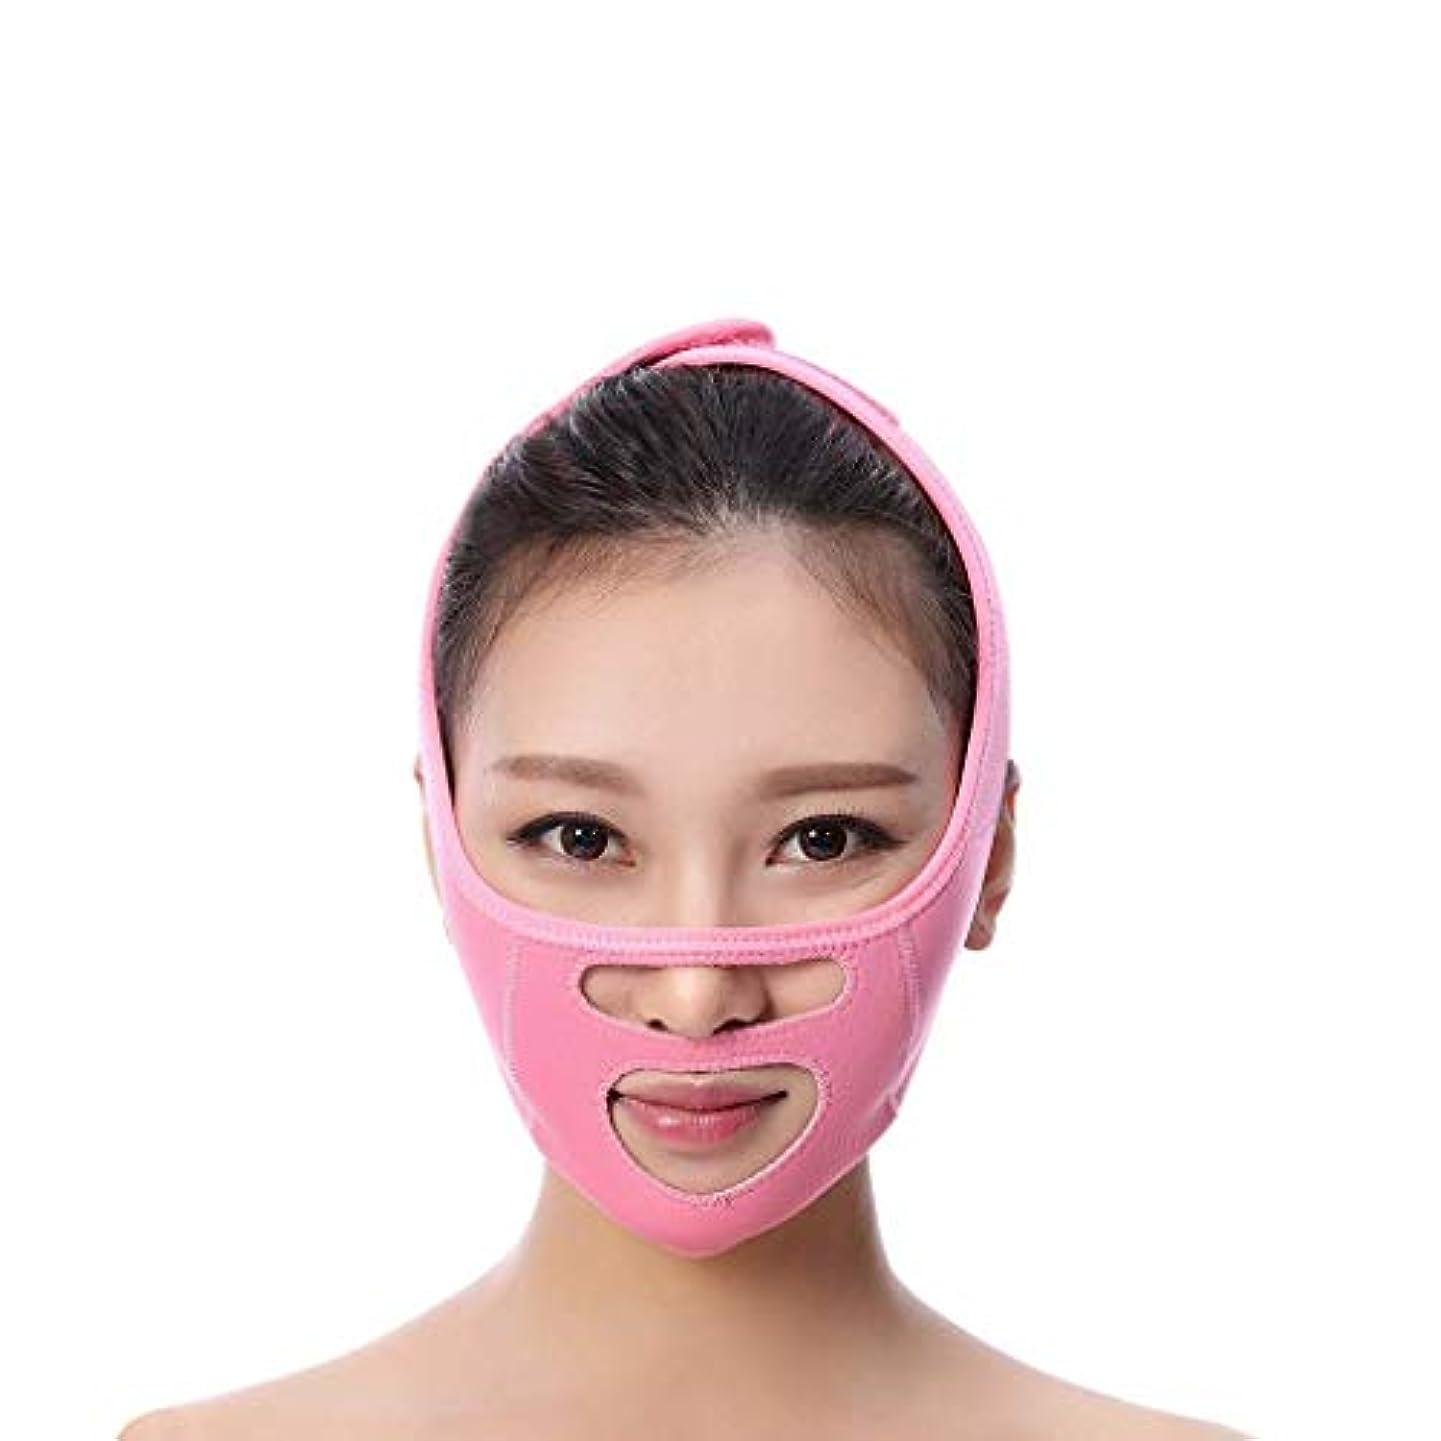 フェイスリフトテープ&バンド、フェイススリミングマスク、ダブルチン、ダブルチンリデューサー、シワ防止マスク、リフティングシェイプ(フリーサイズ)(カラー:ピンク),ピンク